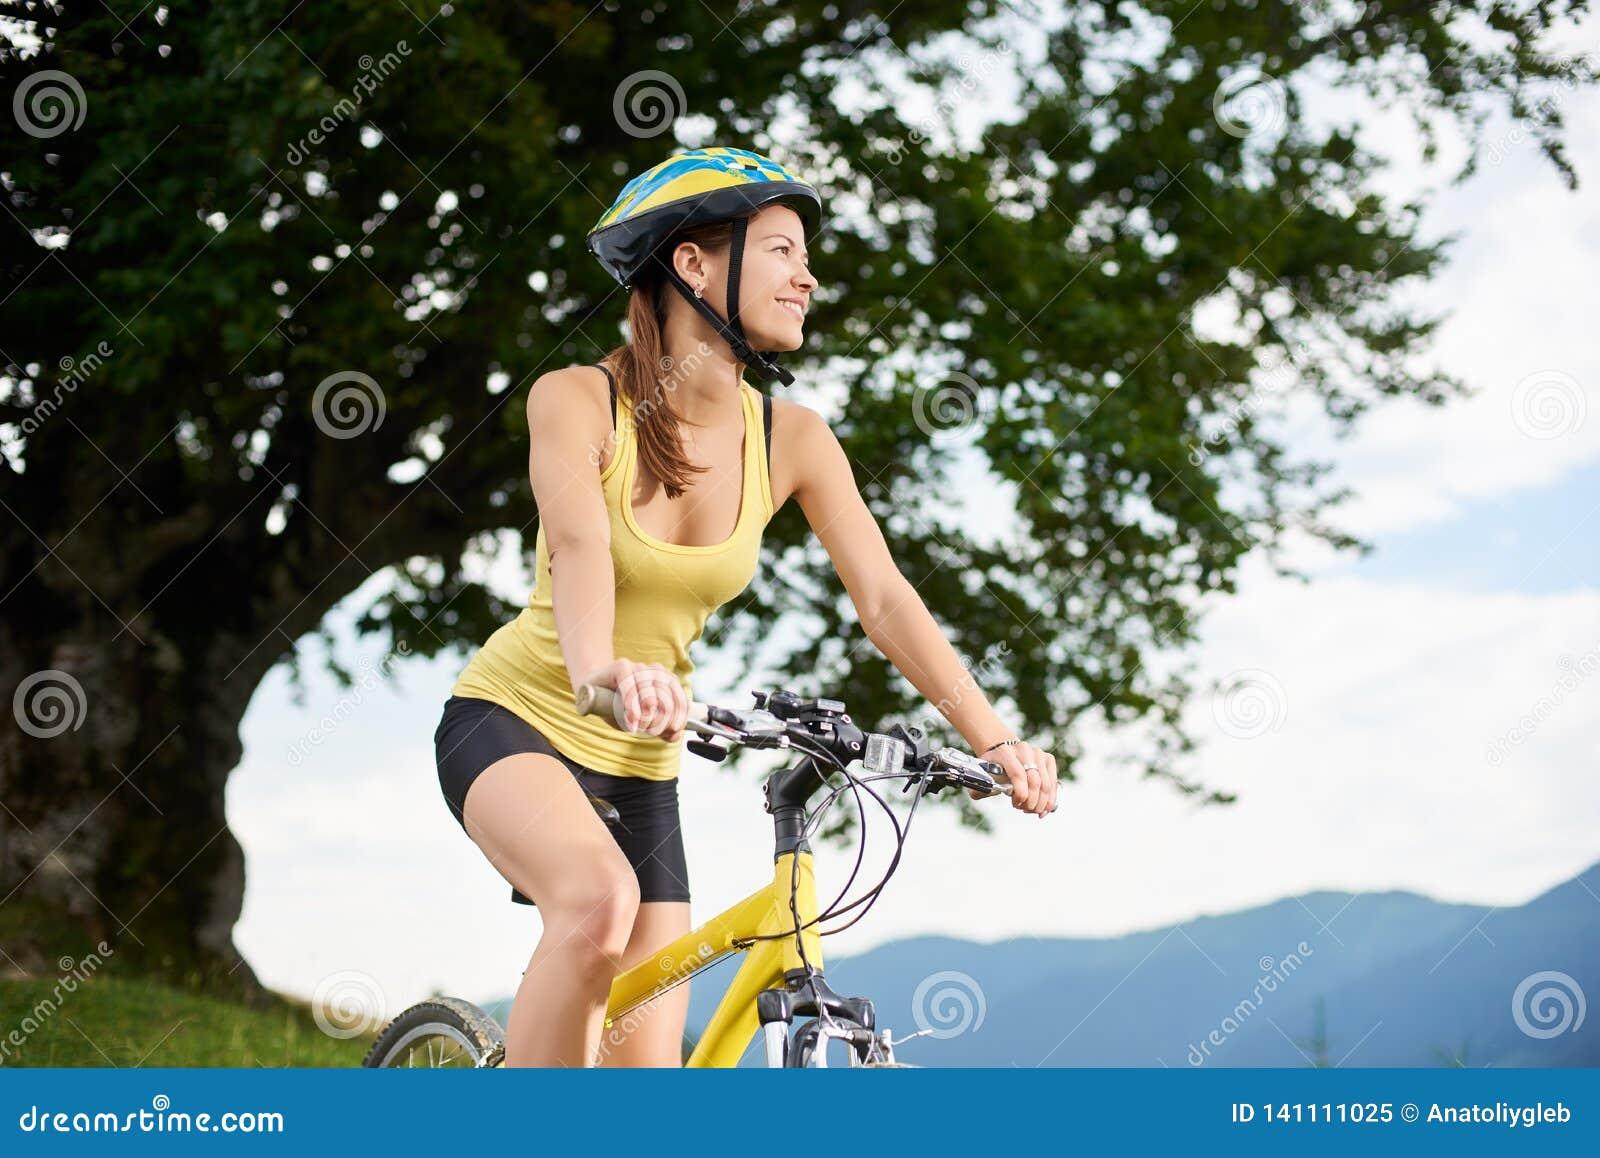 Ciclista femminile attraente con la bicicletta gialla della montagna, godente del giorno soleggiato nelle montagne